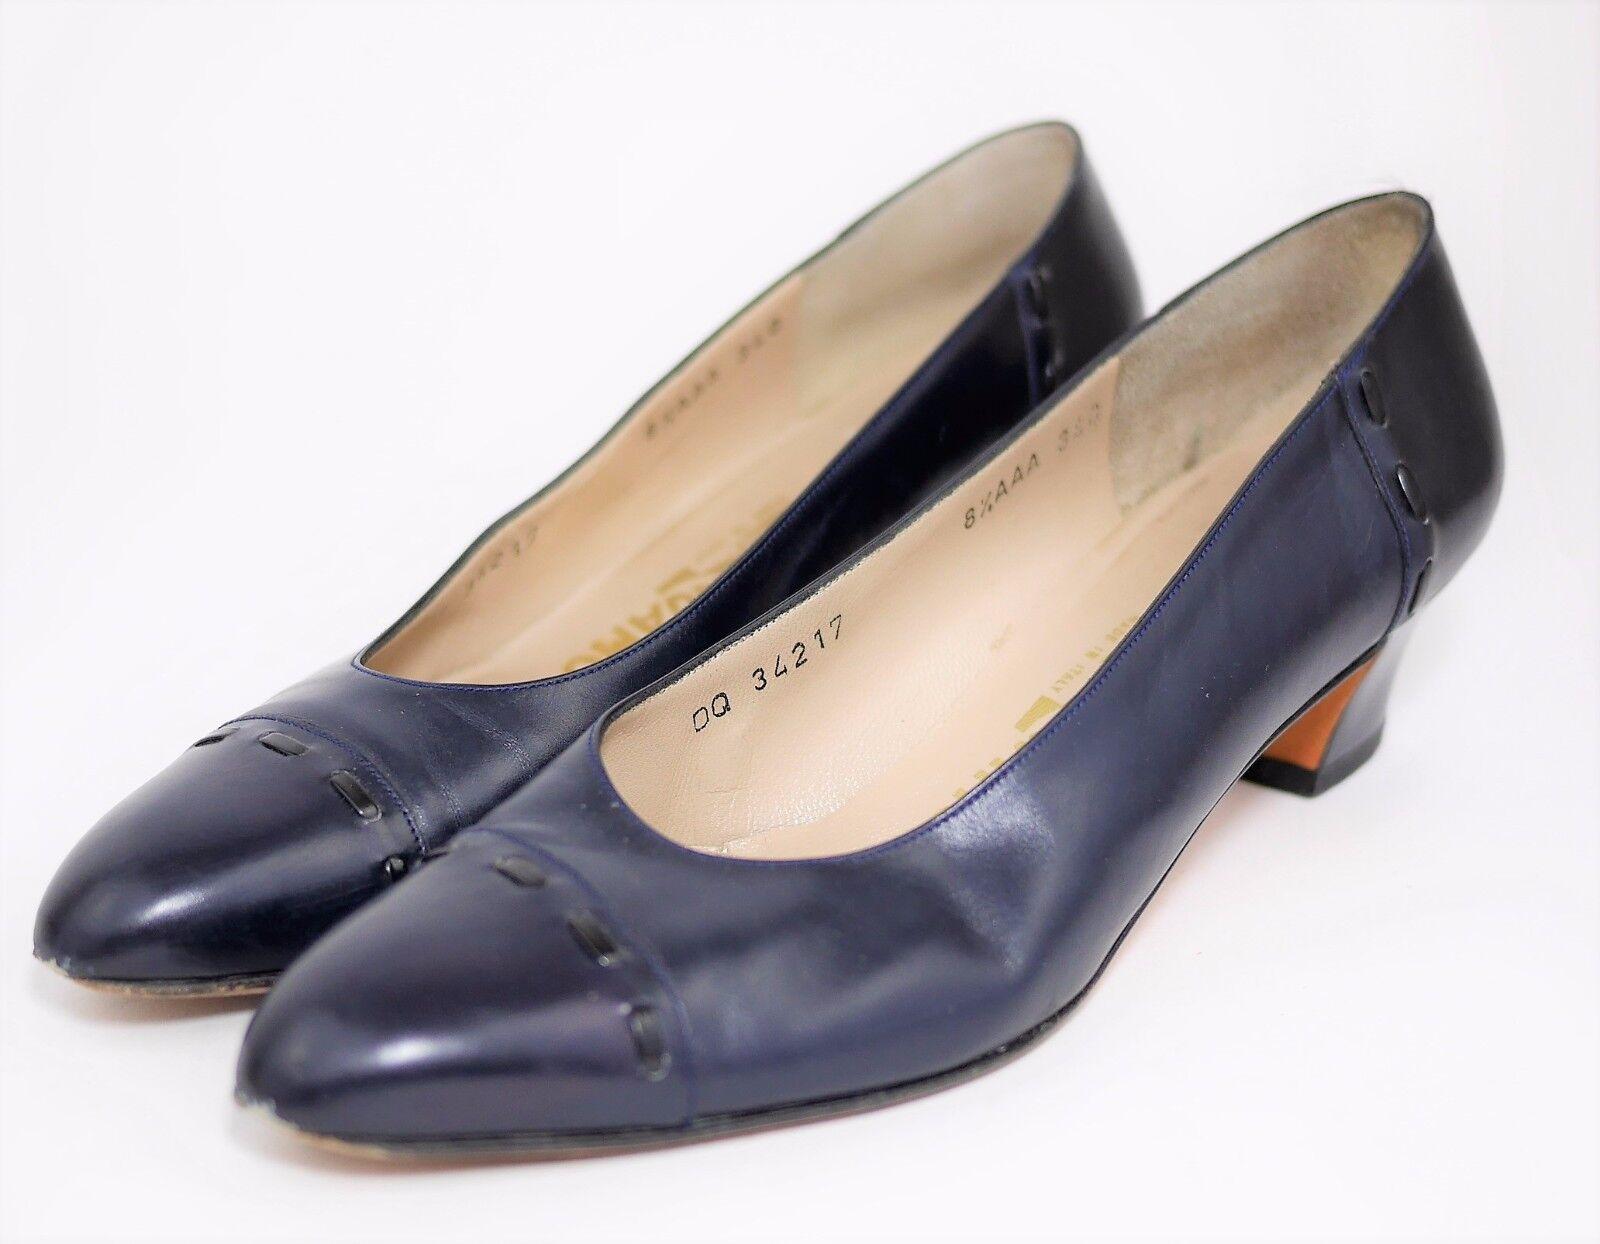 SALVATORE FERRAGAMO Navy bluee Leather Classic Pumps High Heels - WOMEN'S 8.5